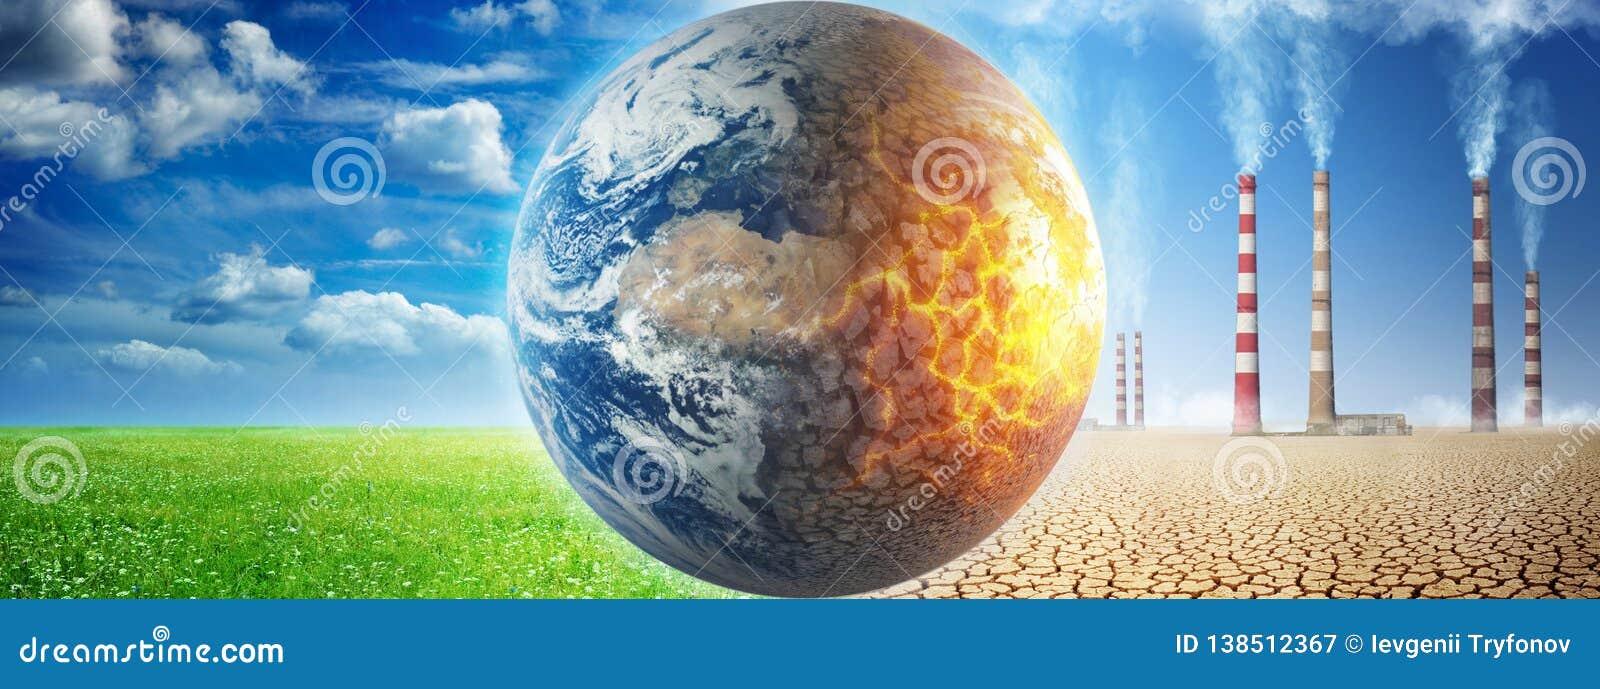 La terre sur un fond d herbe et de nuages contre une terre ruinée sur un fond d un désert mort avec les cheminées de tabagisme de